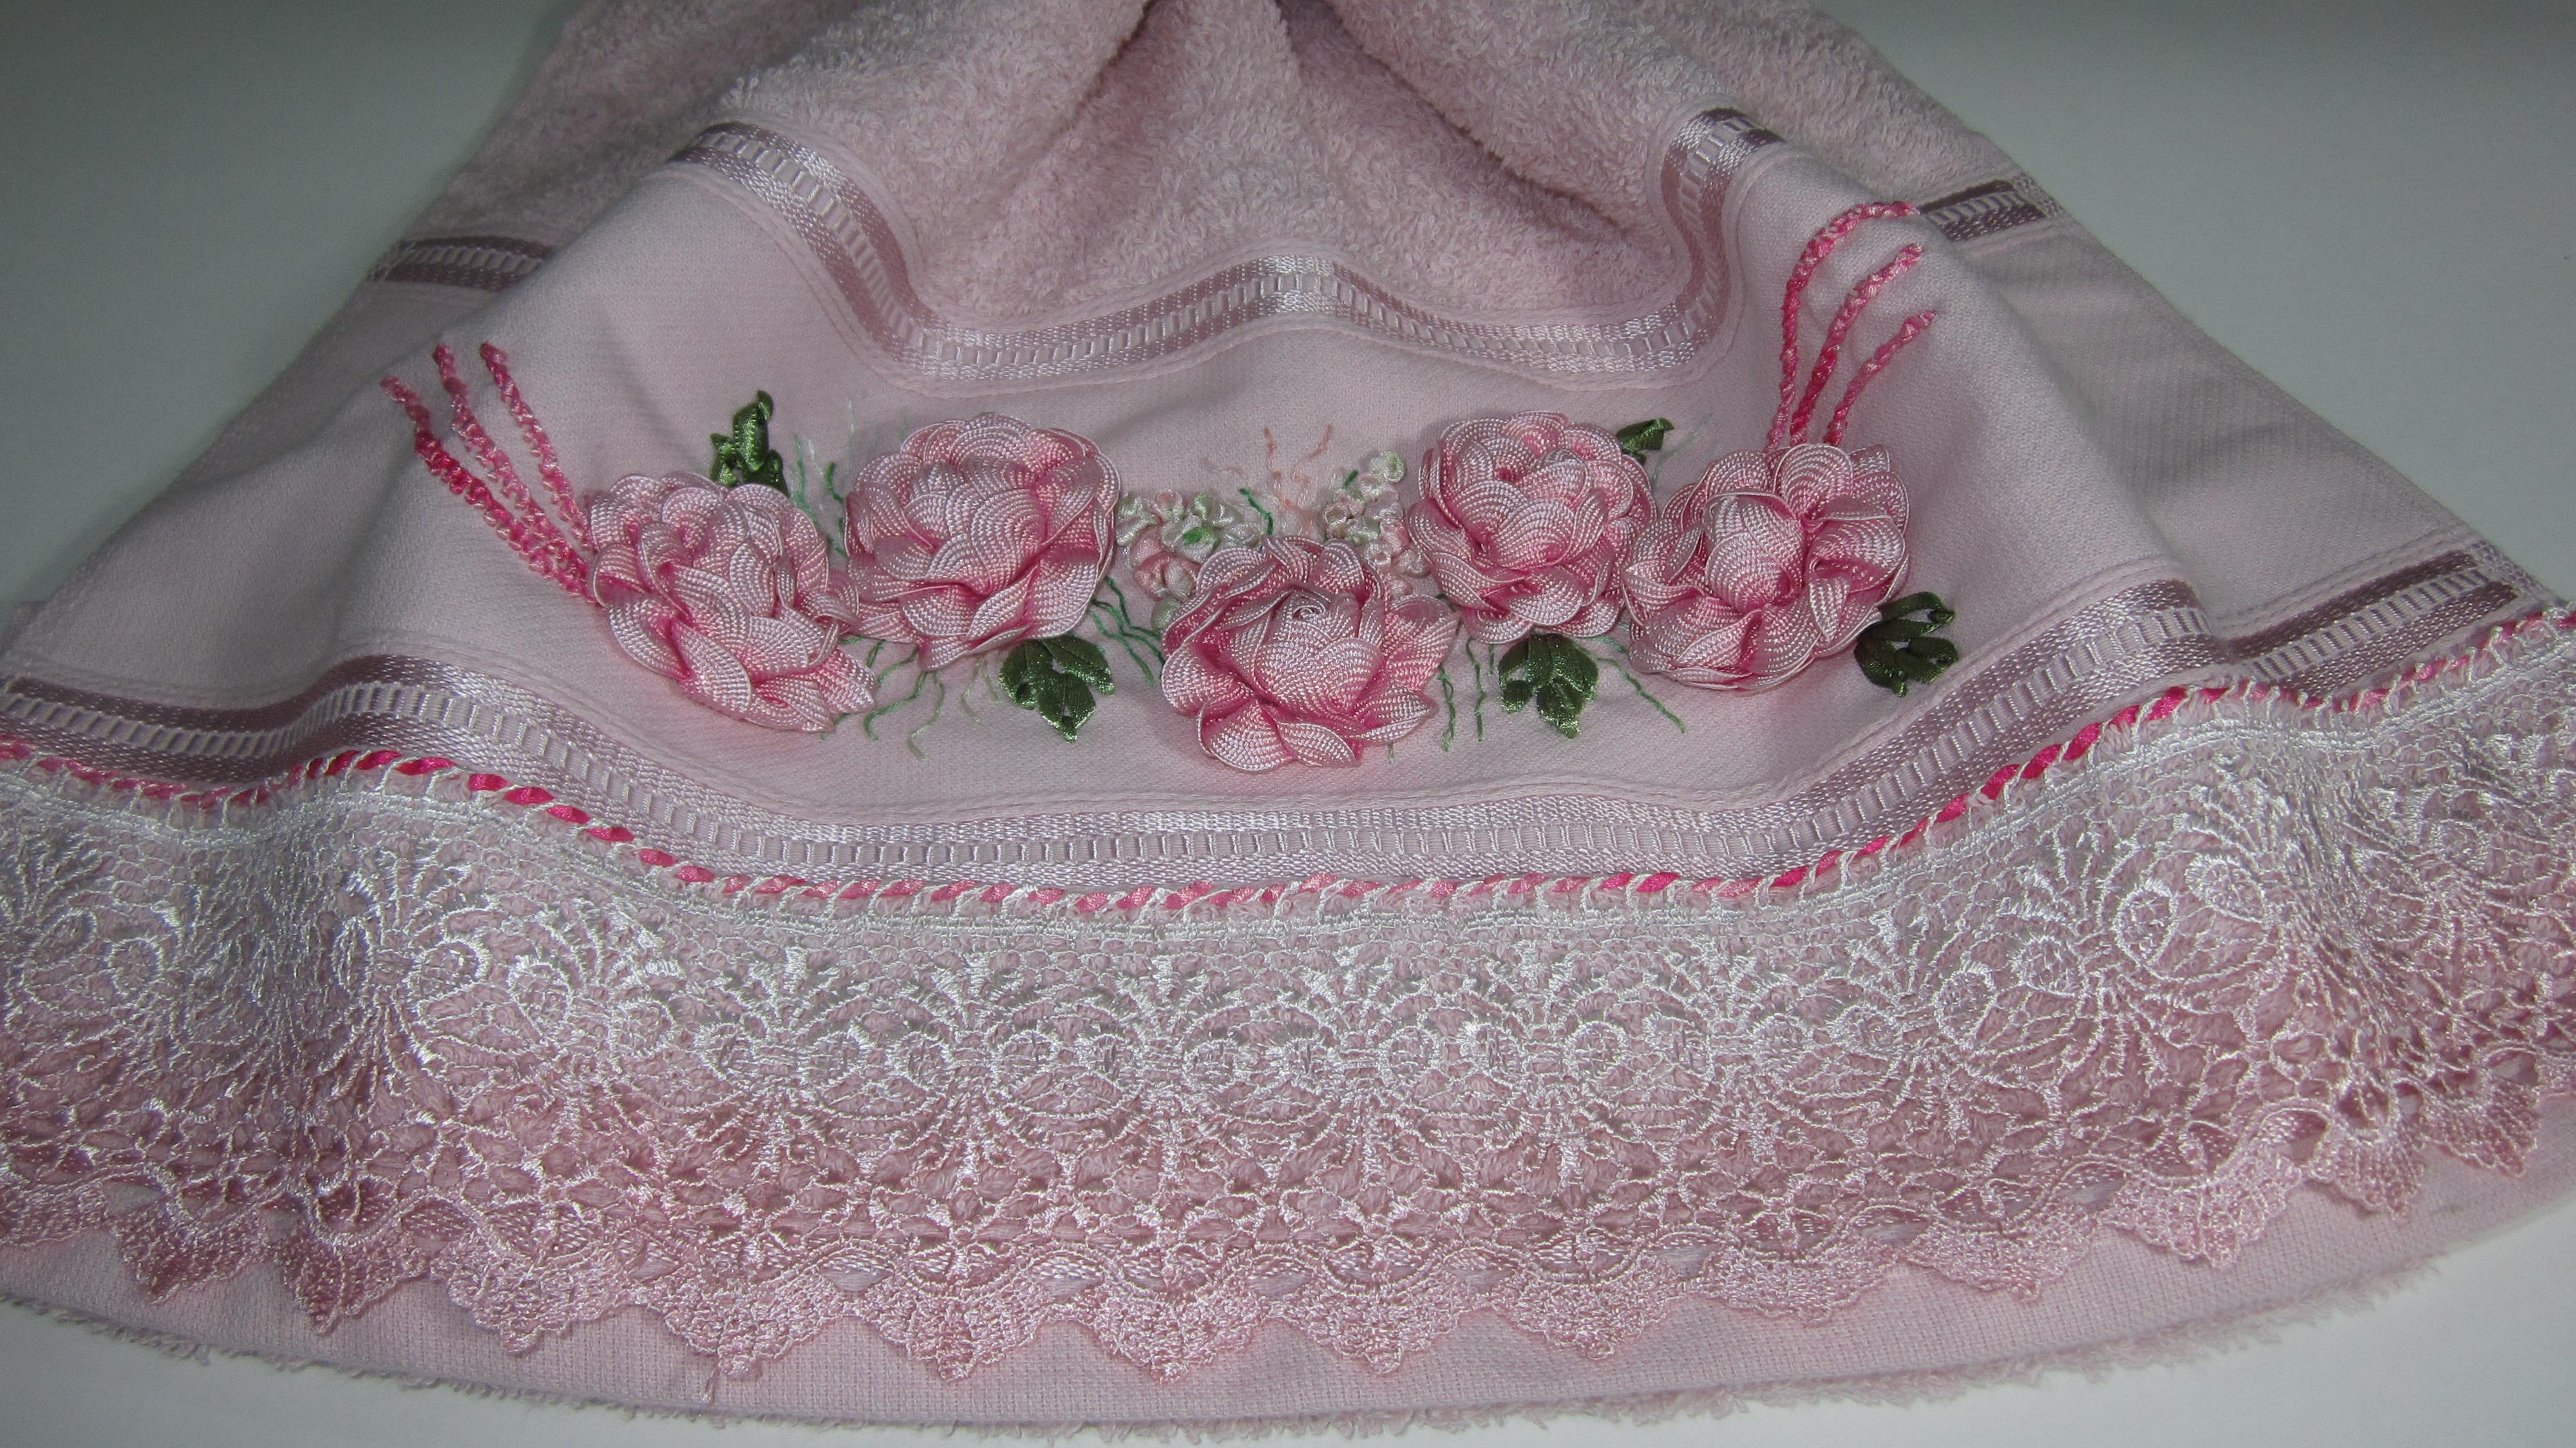 sianinha toalha toalha bordada com flores de sianinha sianinha toalha